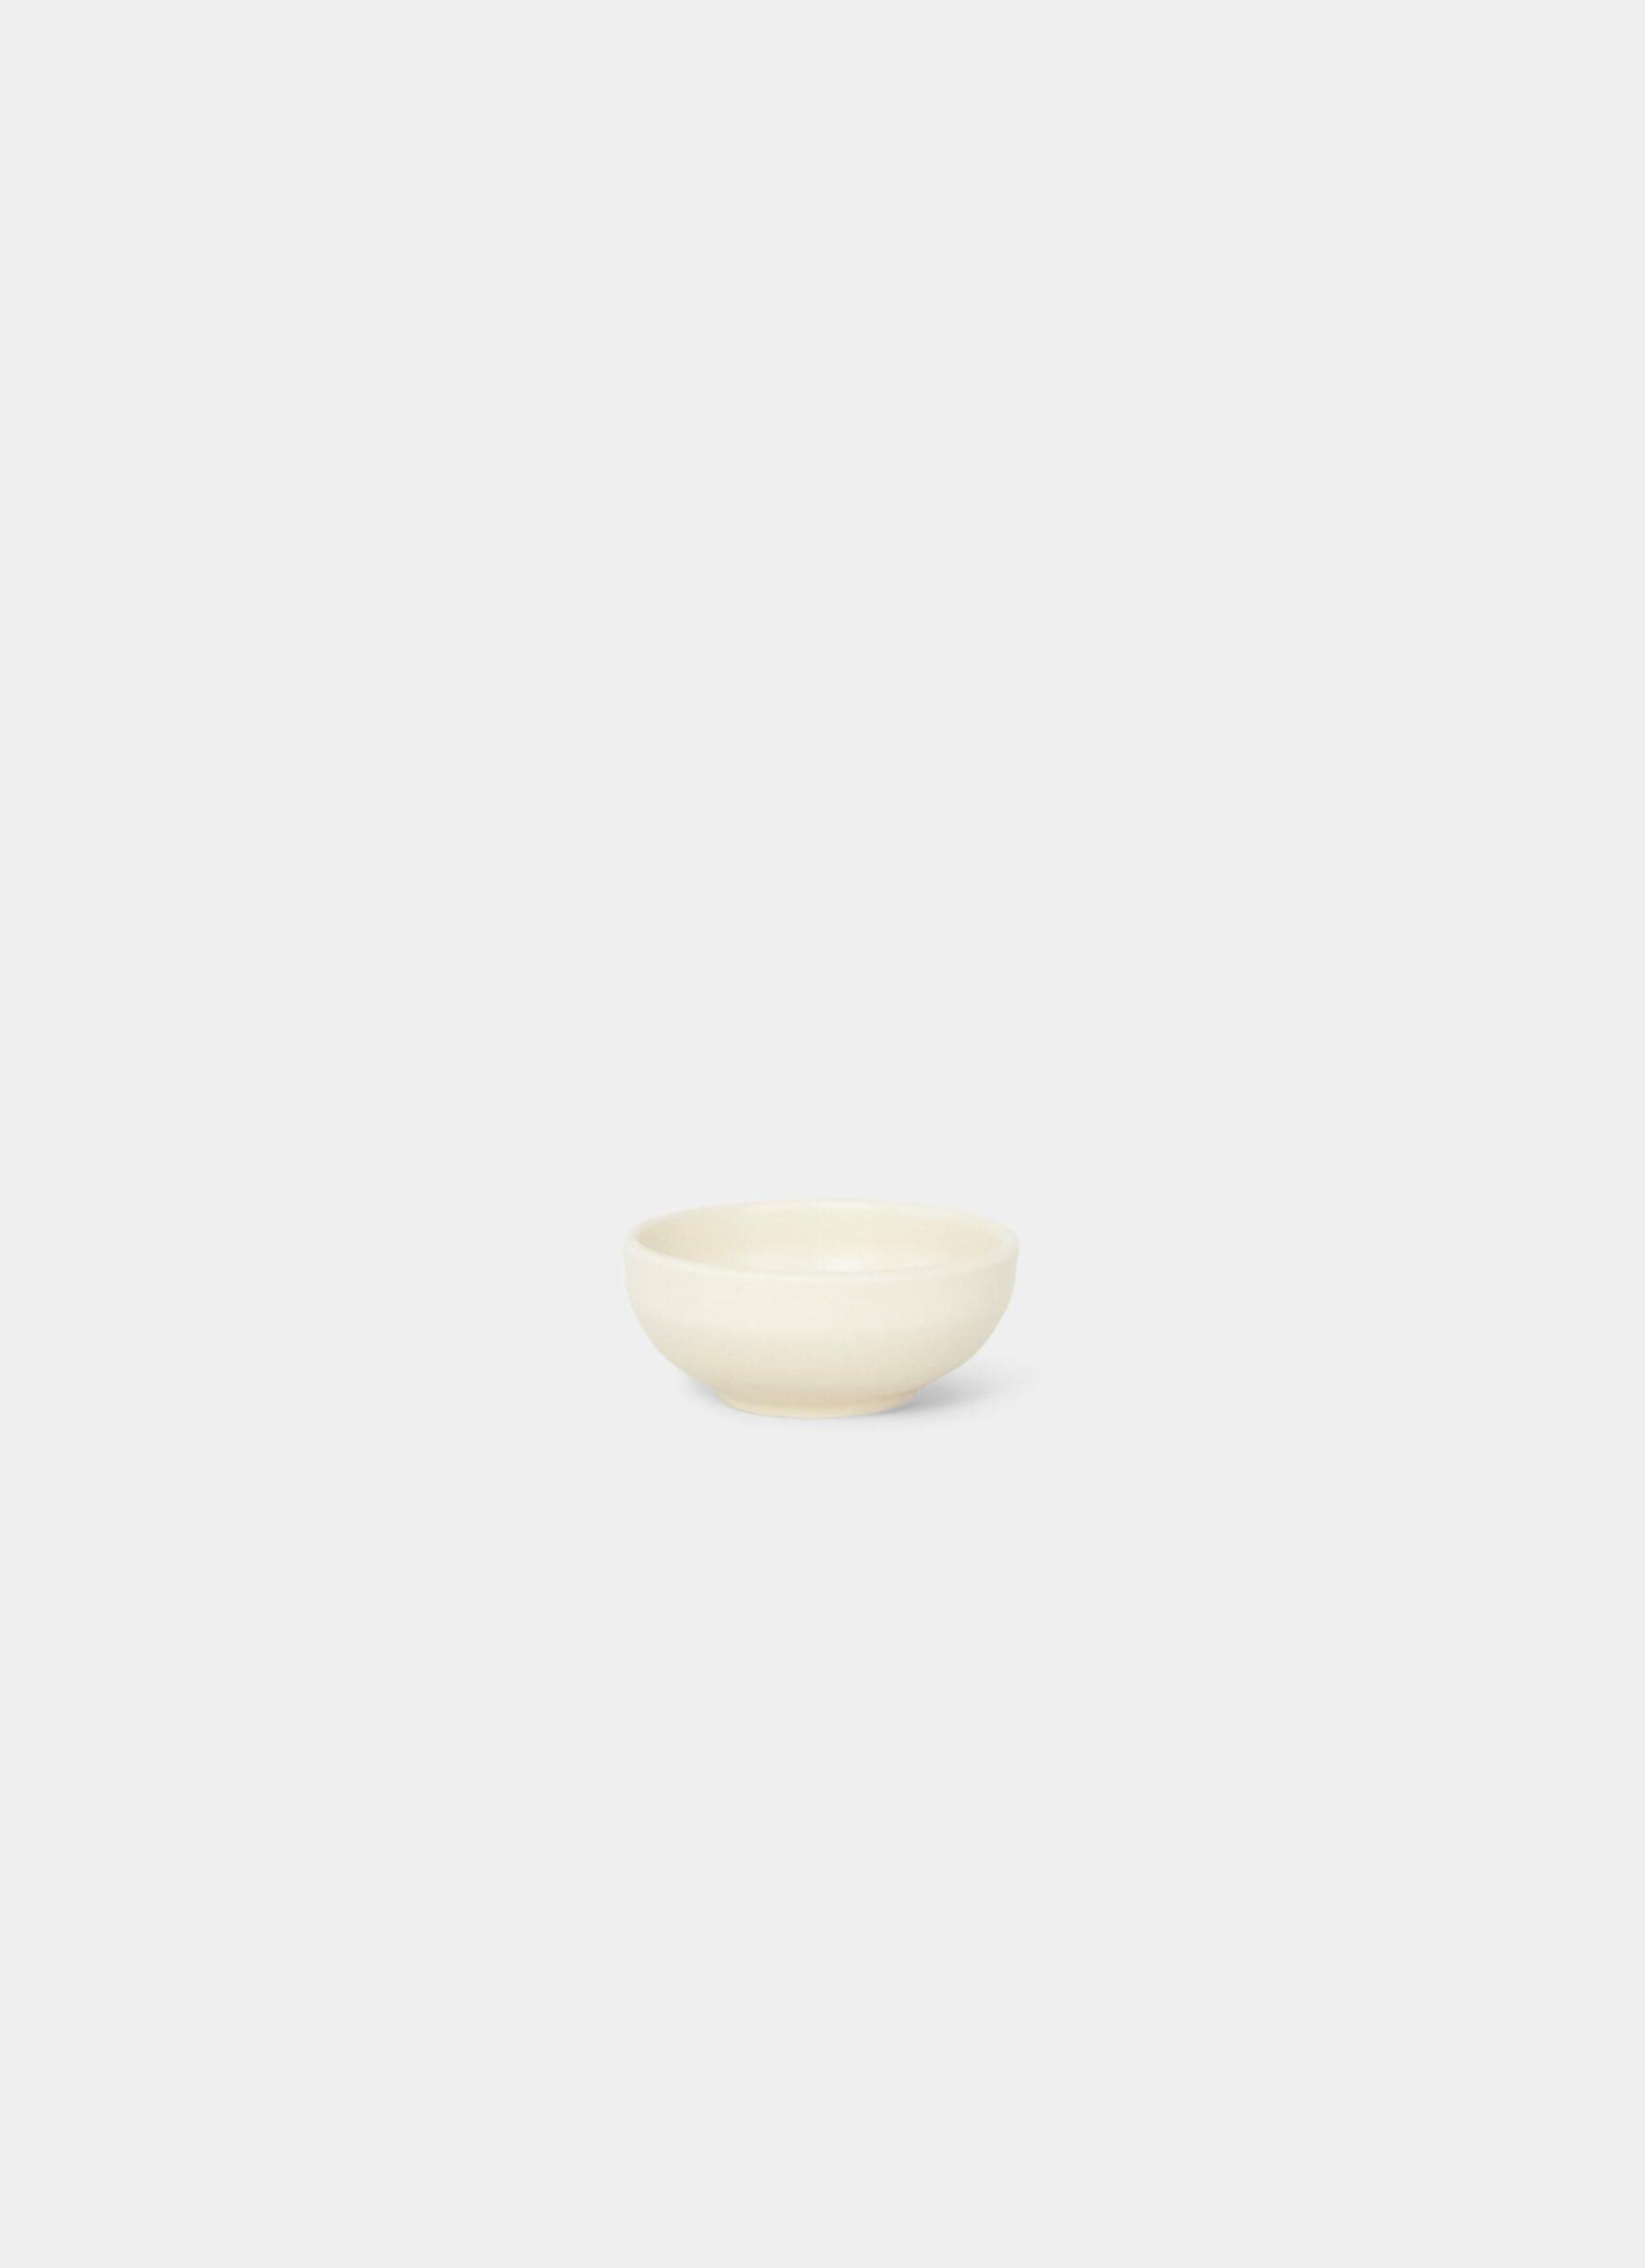 Frama - Otto Stoneware - Shallow Bowl - Natural - XS